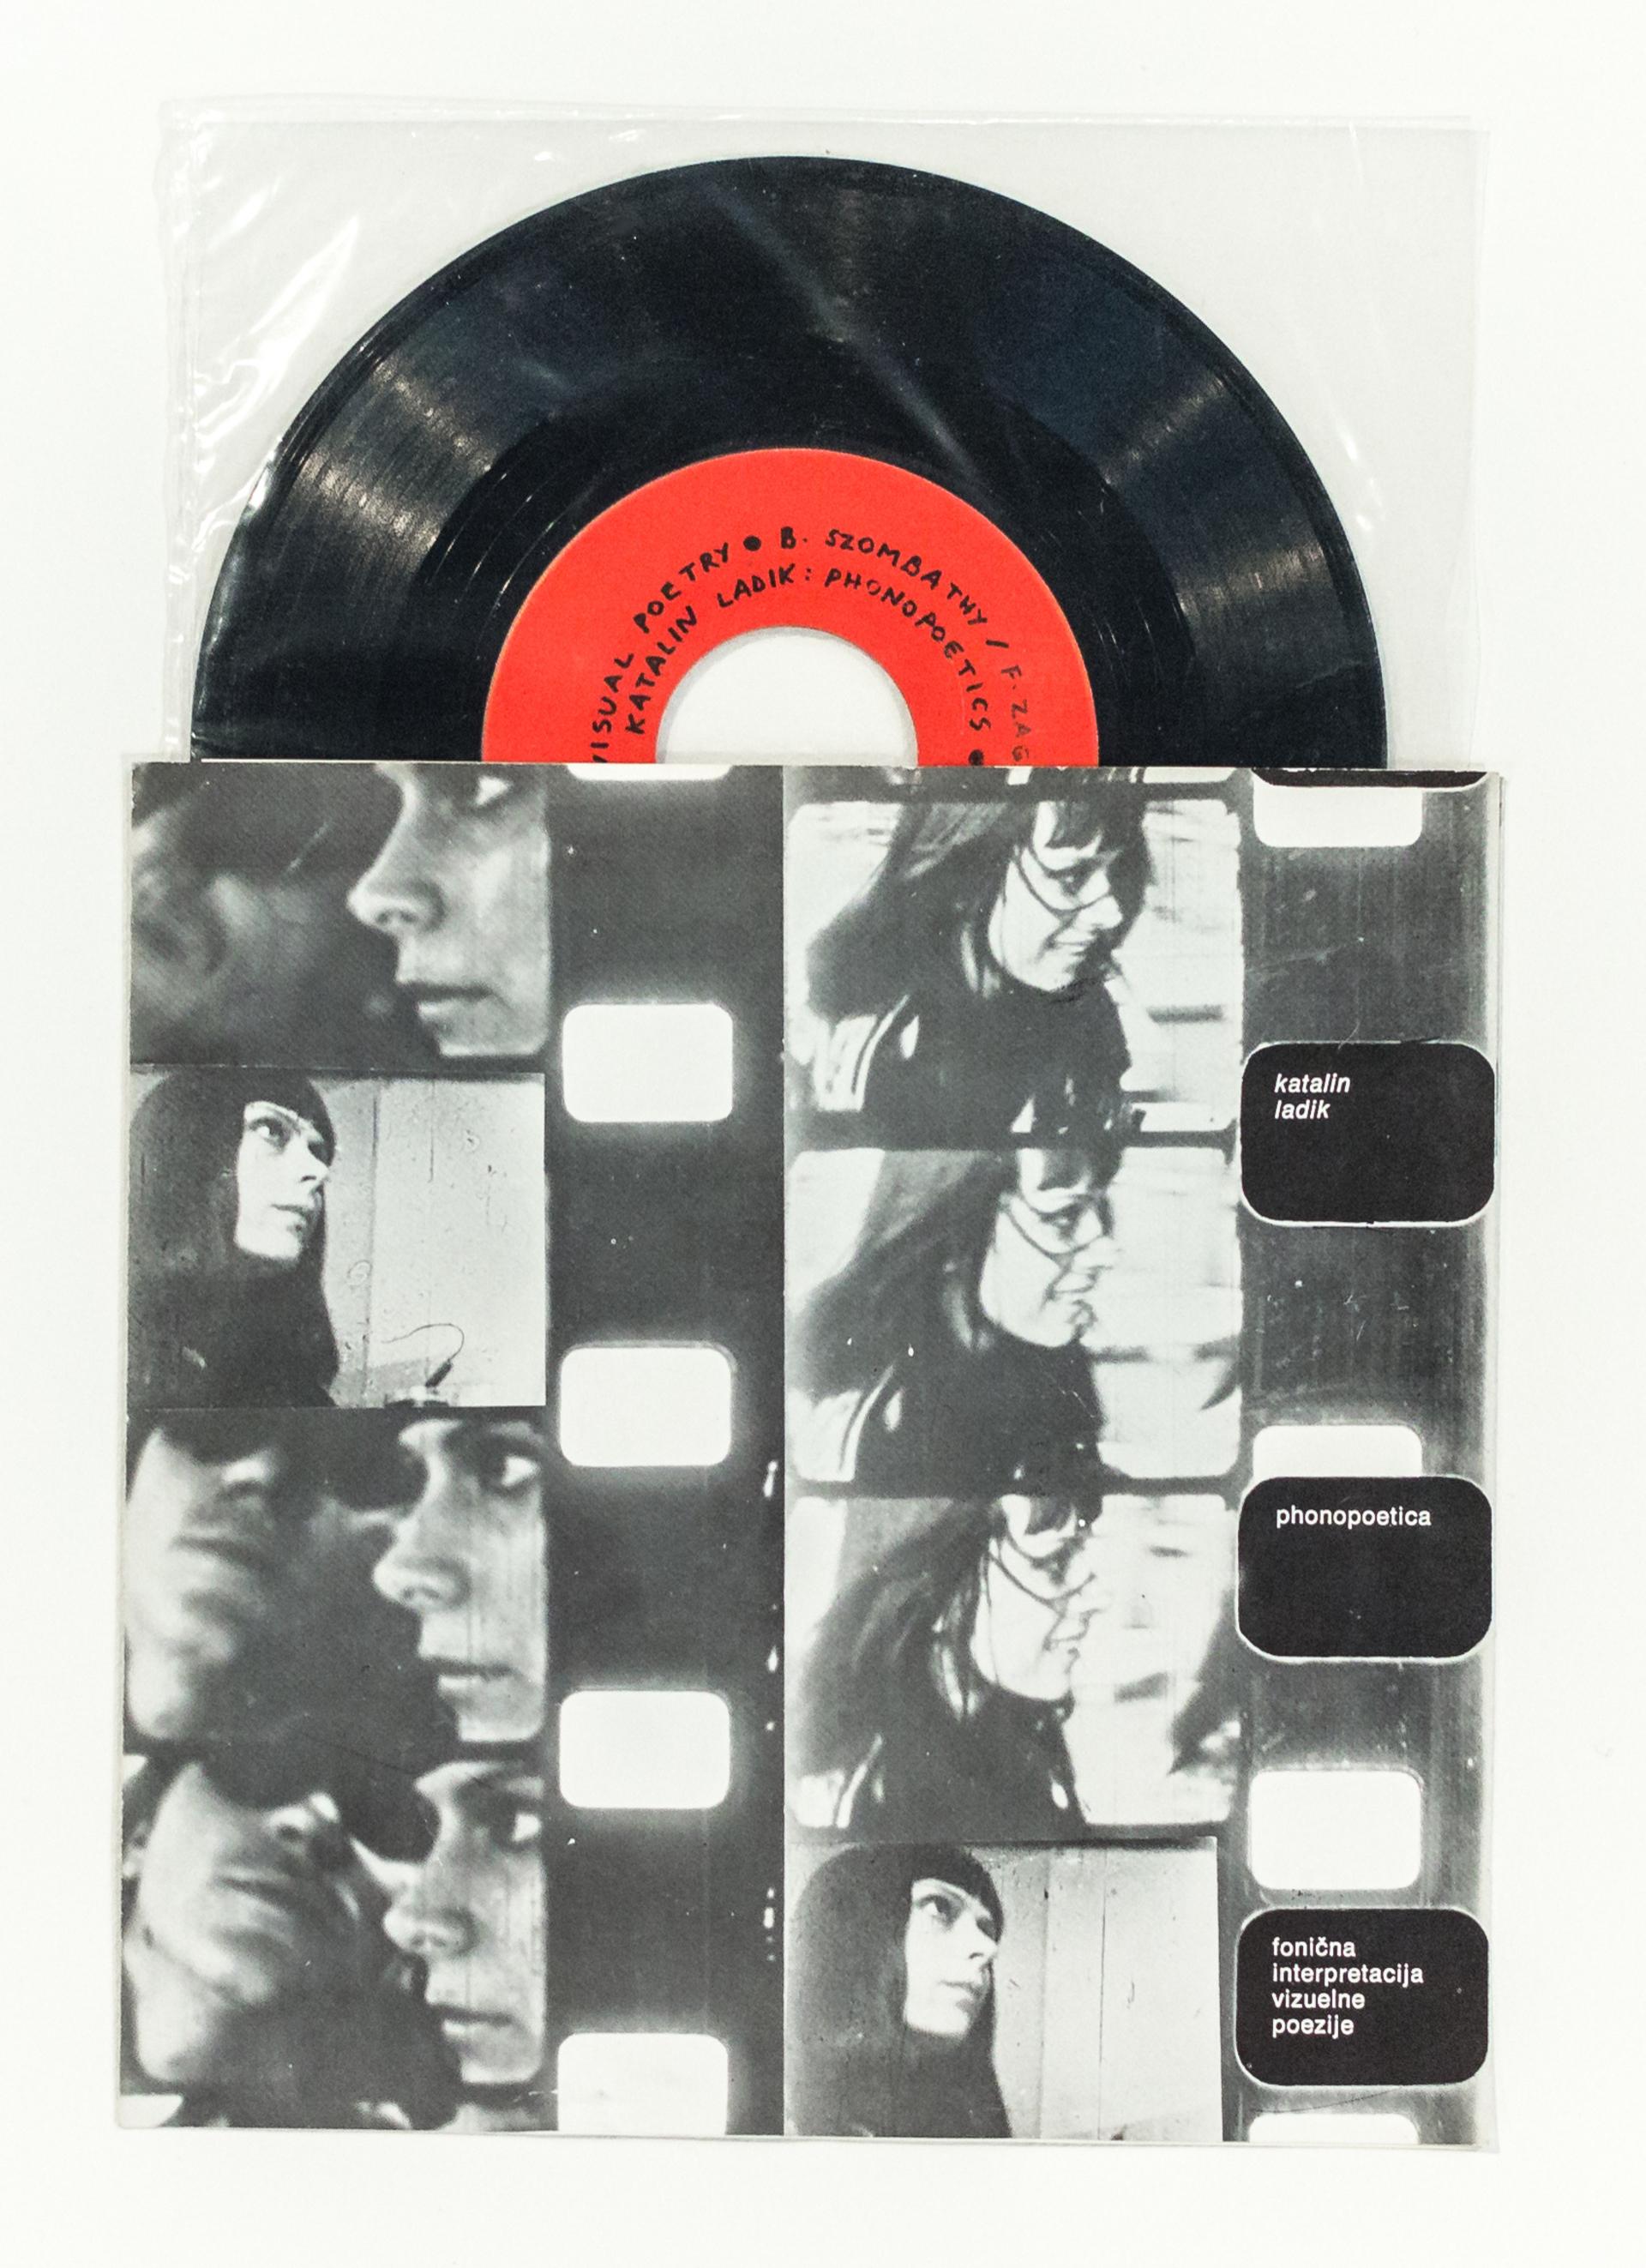 Katalin Ladik_Phonopoetica, Phonopoetic interpetation of Visual Poetry, 1976.jpg